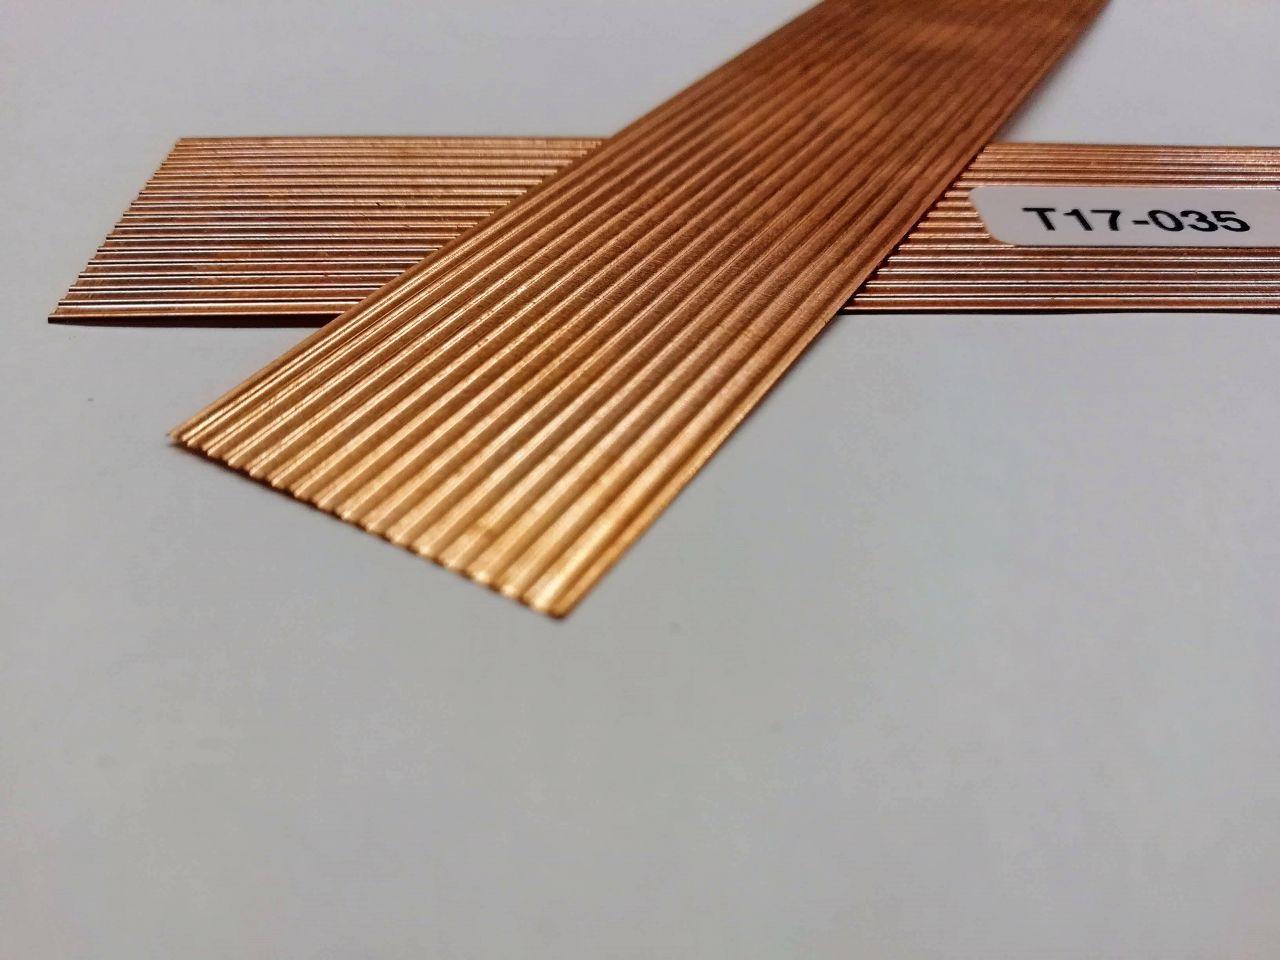 NSj Modells T17-035 Trapézlemez